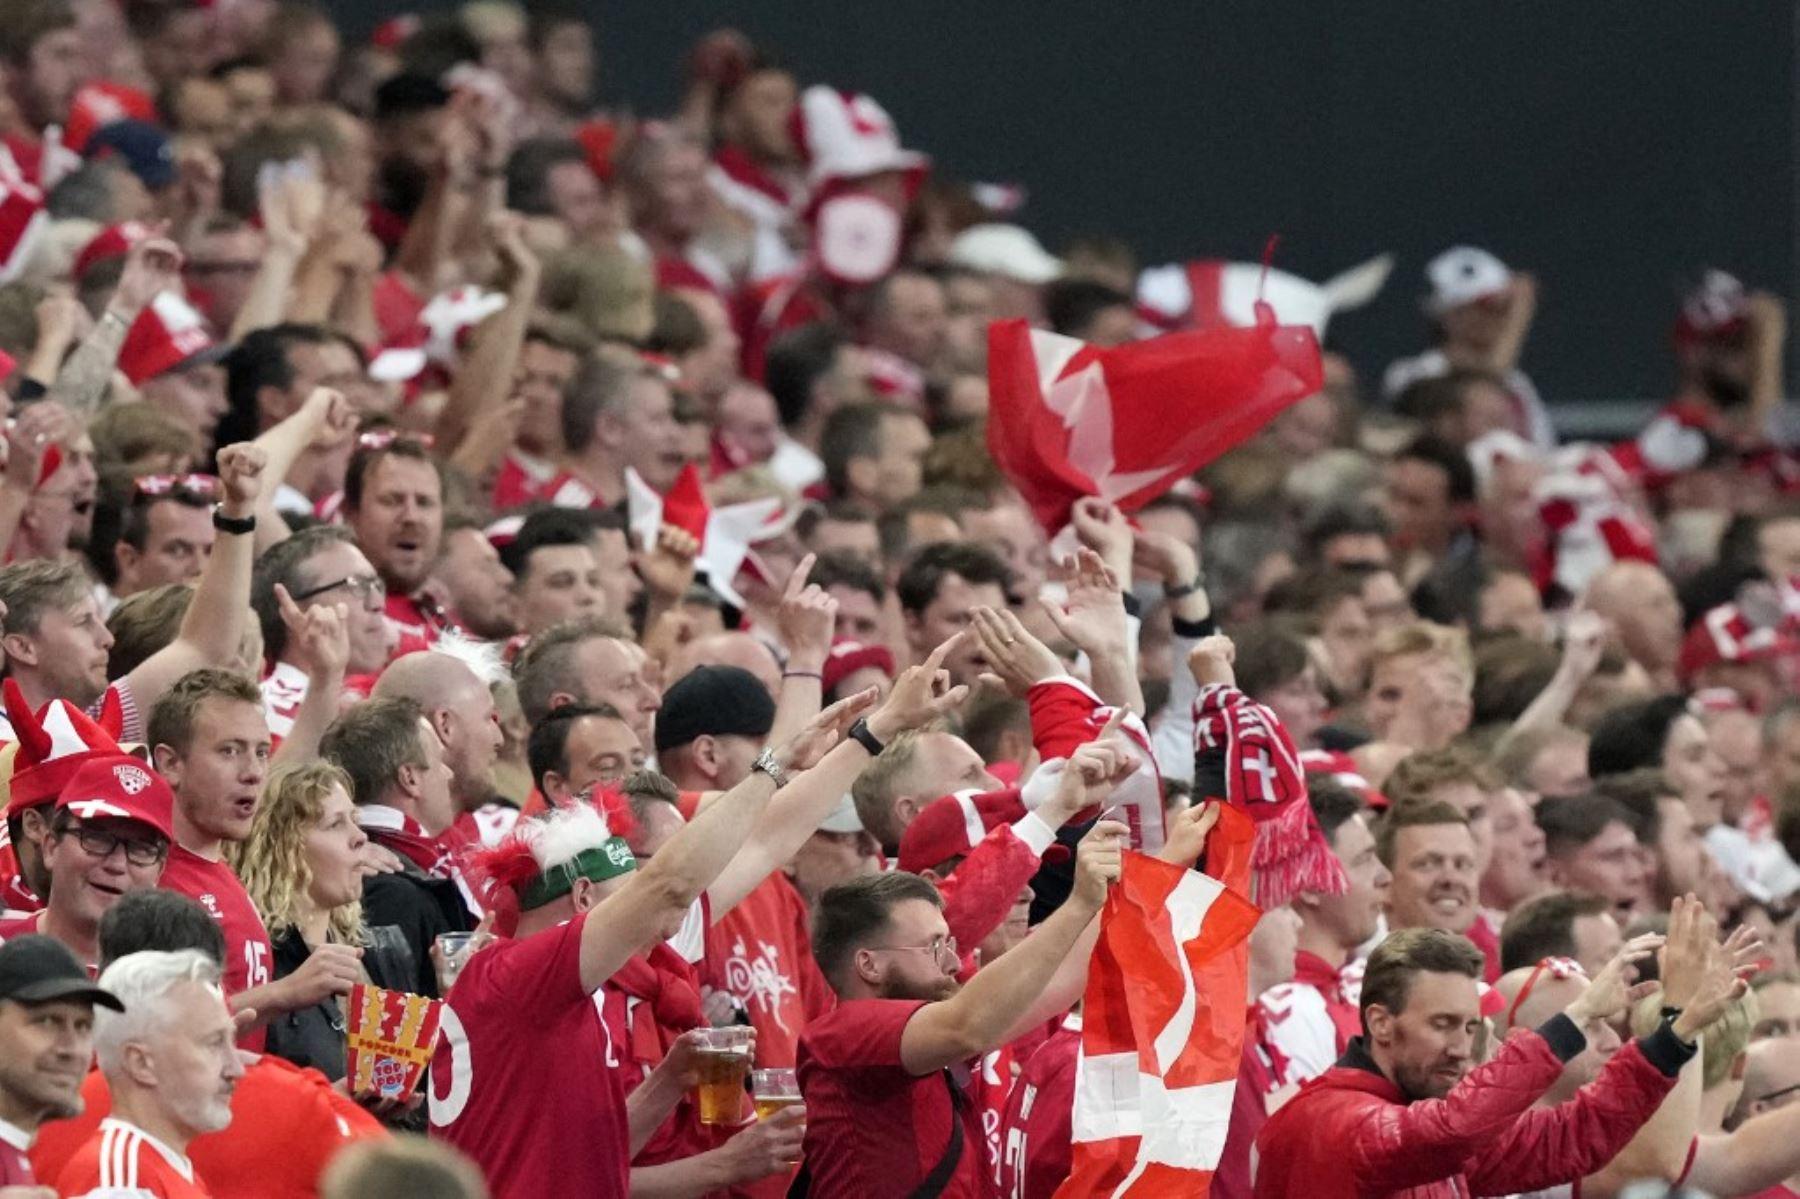 Los seguidores de Dinamarca vitorean durante el partido de fútbol del Grupo B de la UEFA EURO 2020 entre Rusia y Dinamarca en el estadio Parken de Copenhague el 21 de junio de 2021. Foto: AFP